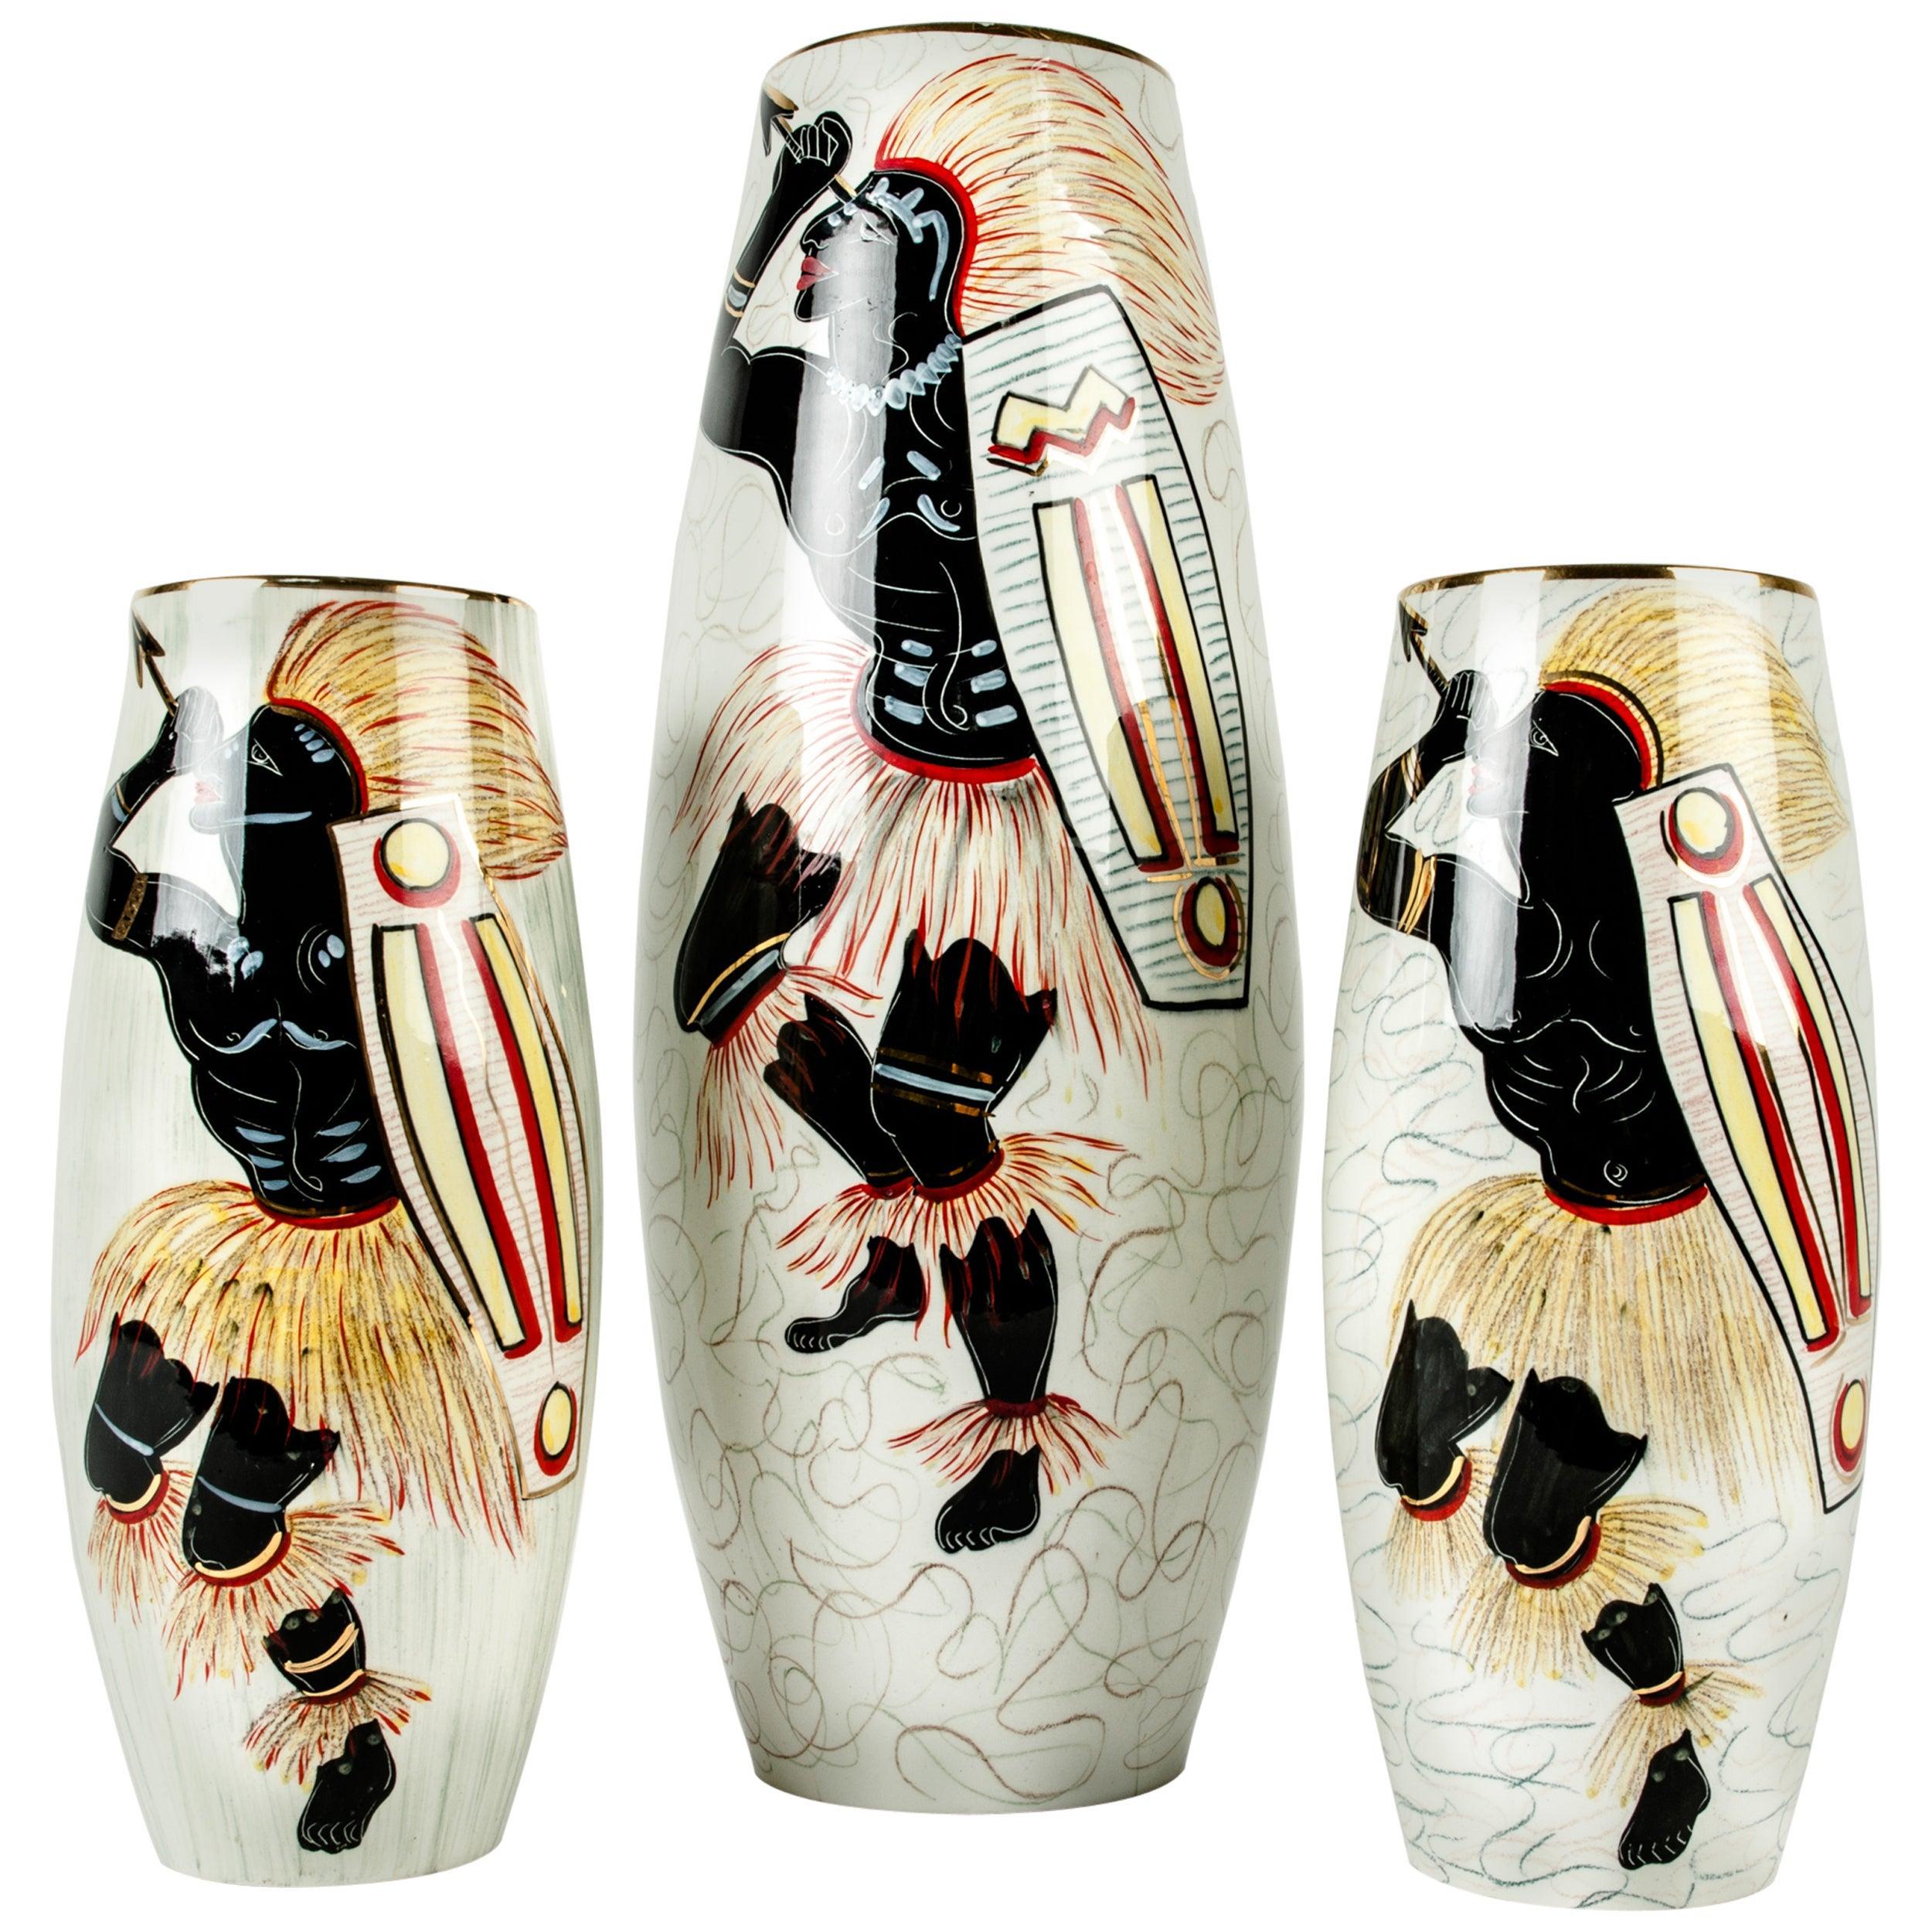 Glazed Porcelain Set Decorative Pieces / Vases